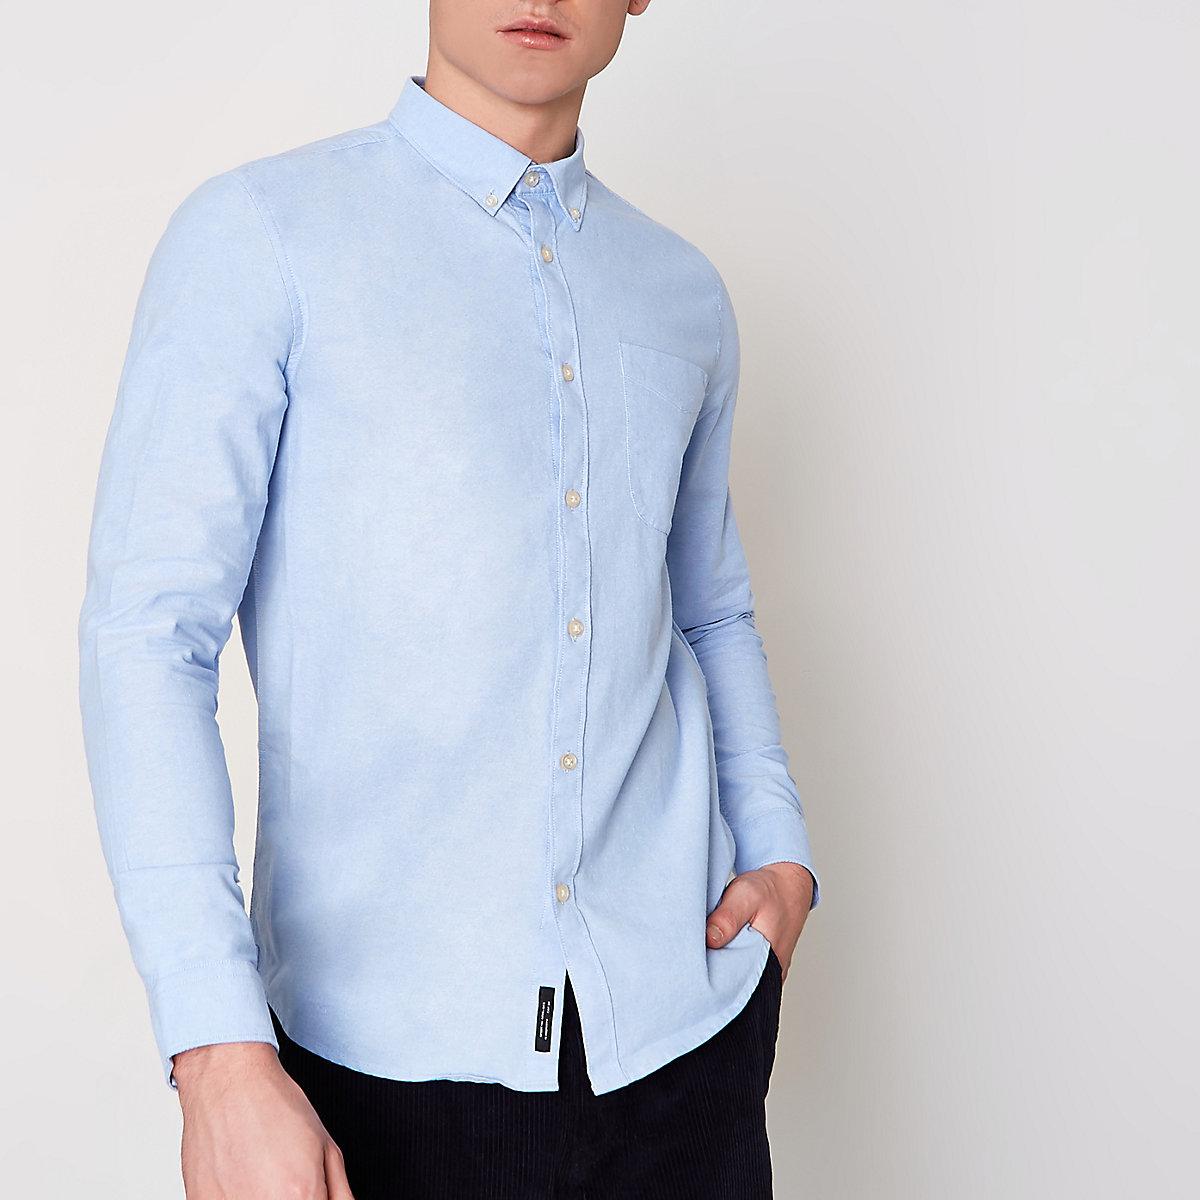 Light blue long sleeve Oxford shirt